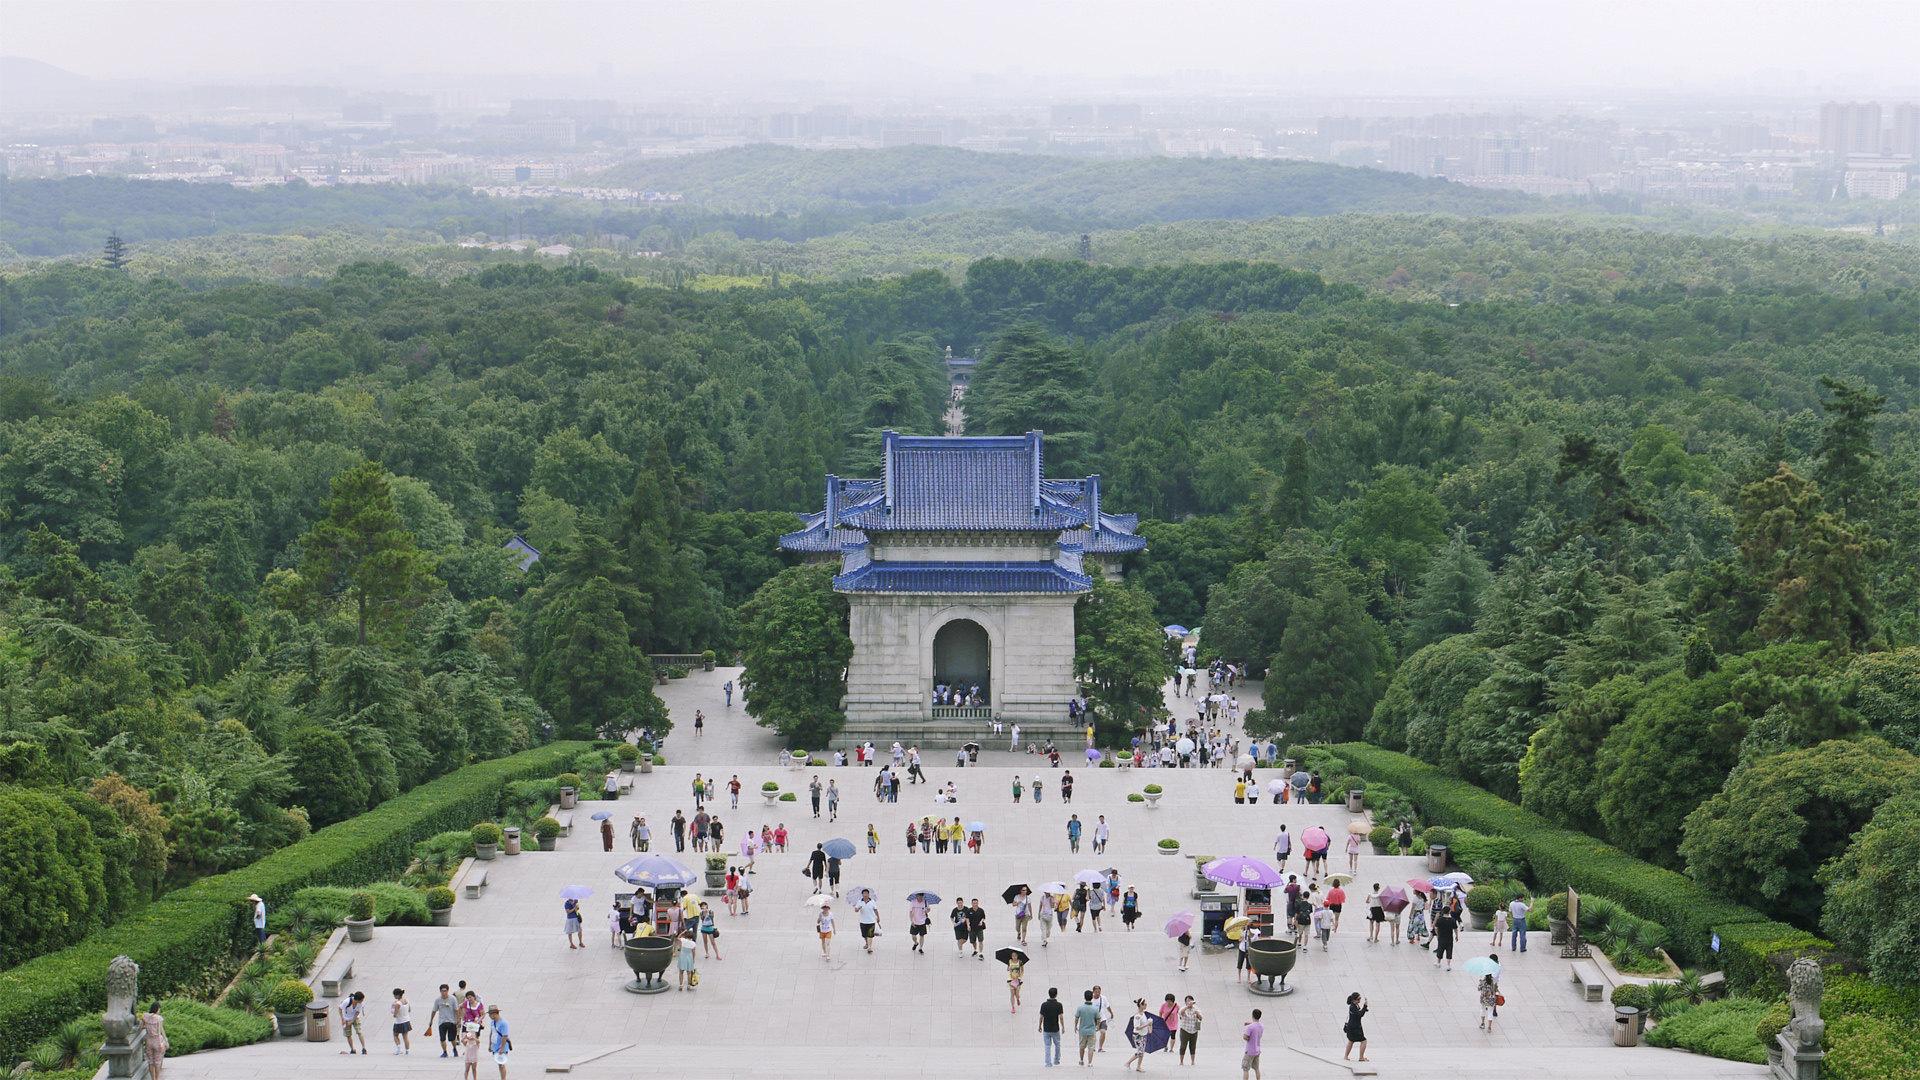 One-day Tour in Nanjing: Sun Yat-sen Mausoleum, Ming Xiaoling Mausoleum, Zhonghua Gate, Confucius Temple